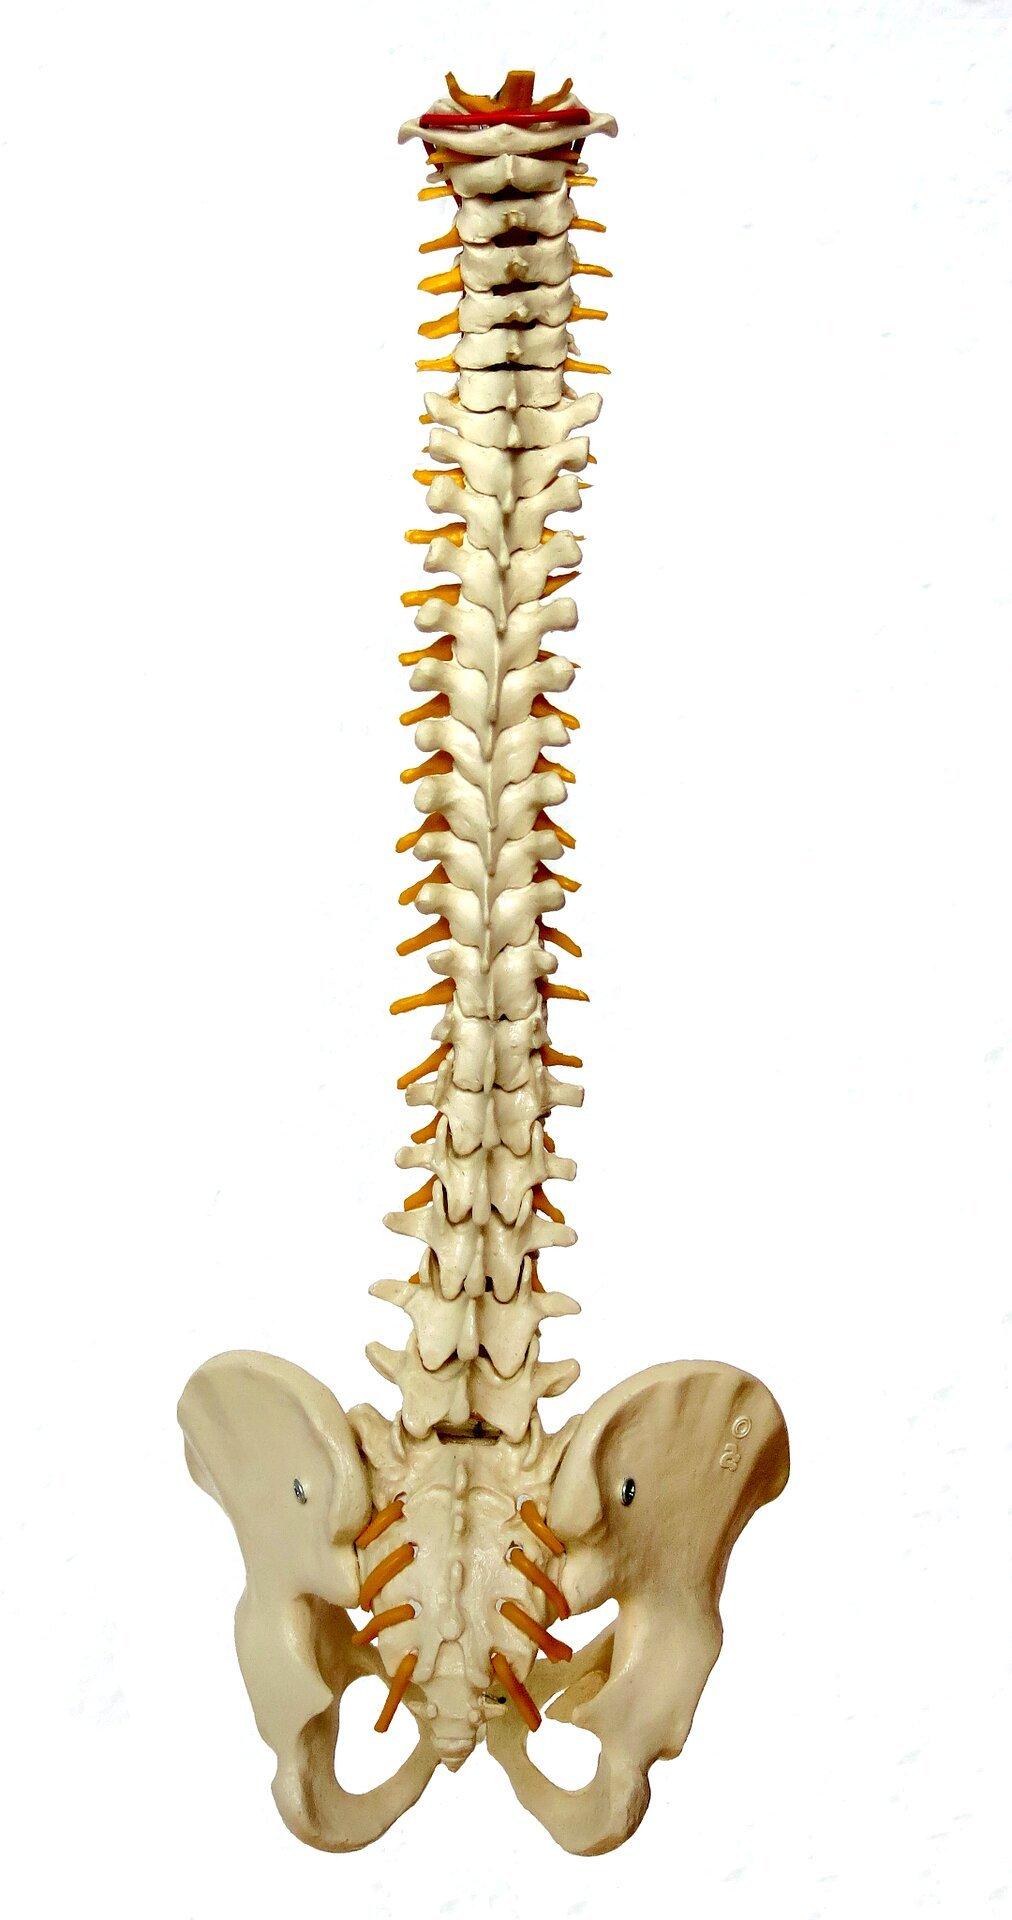 """Rückenmark ist """"smarter"""" als bisher gedacht"""